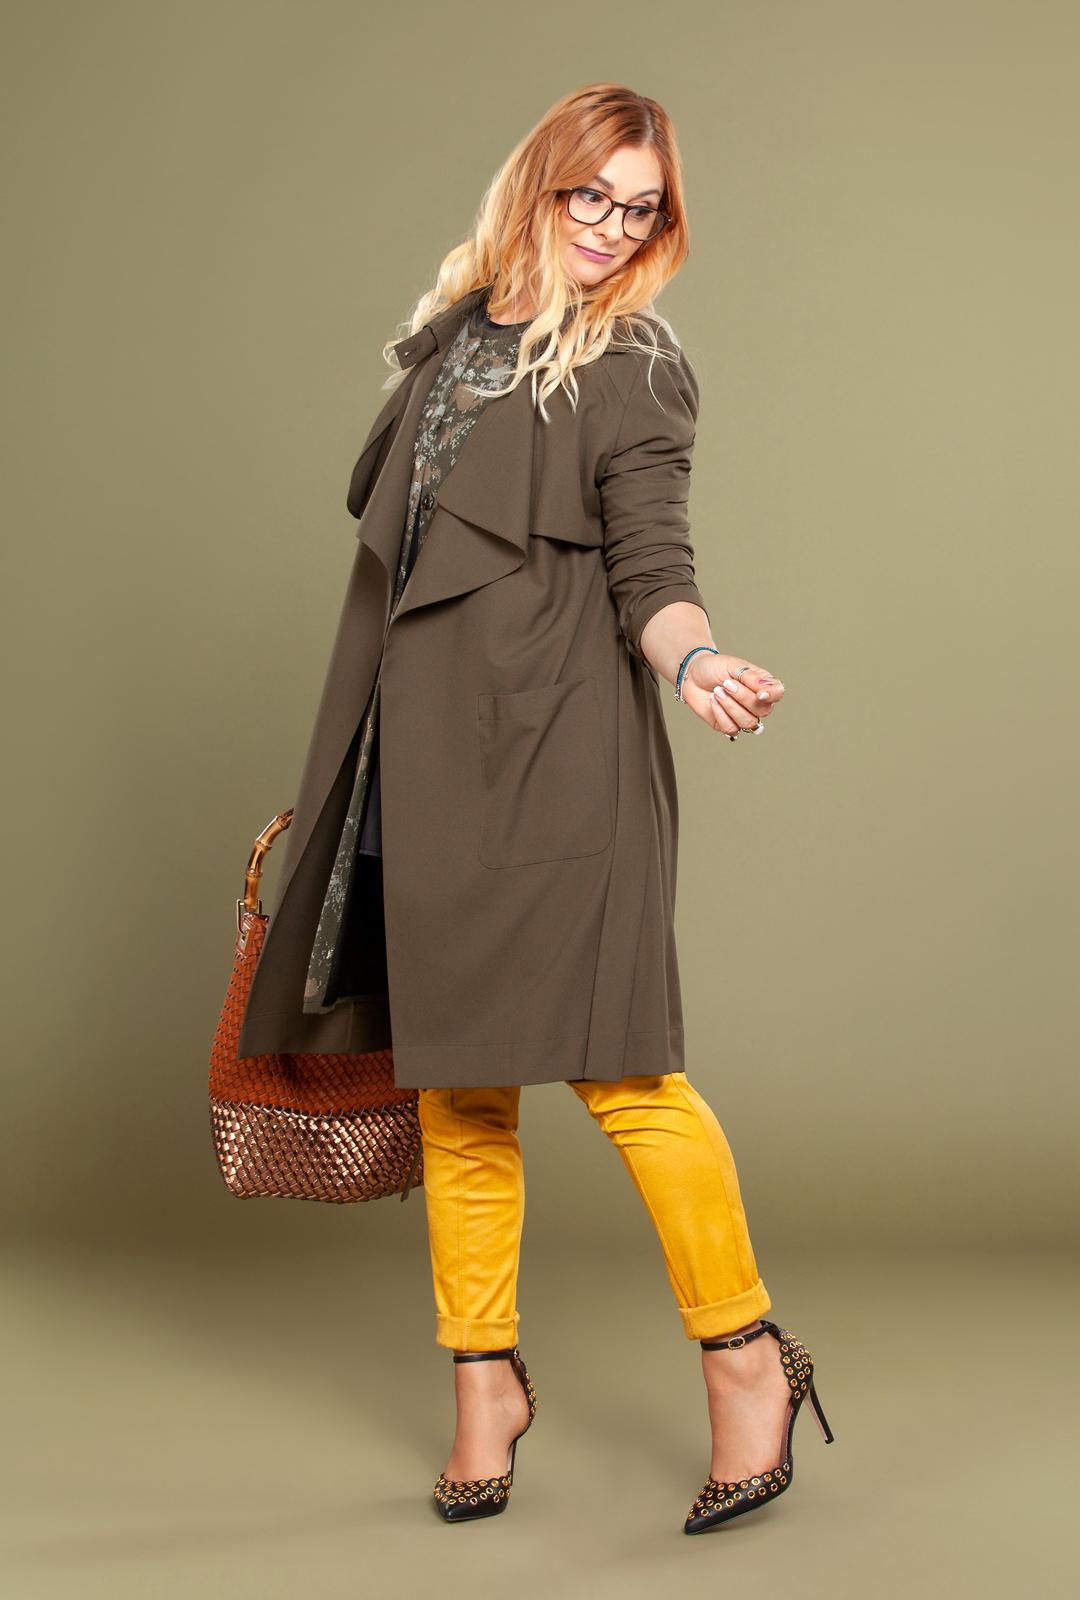 Sarah Kern Kollektion für Channel21, Herbst